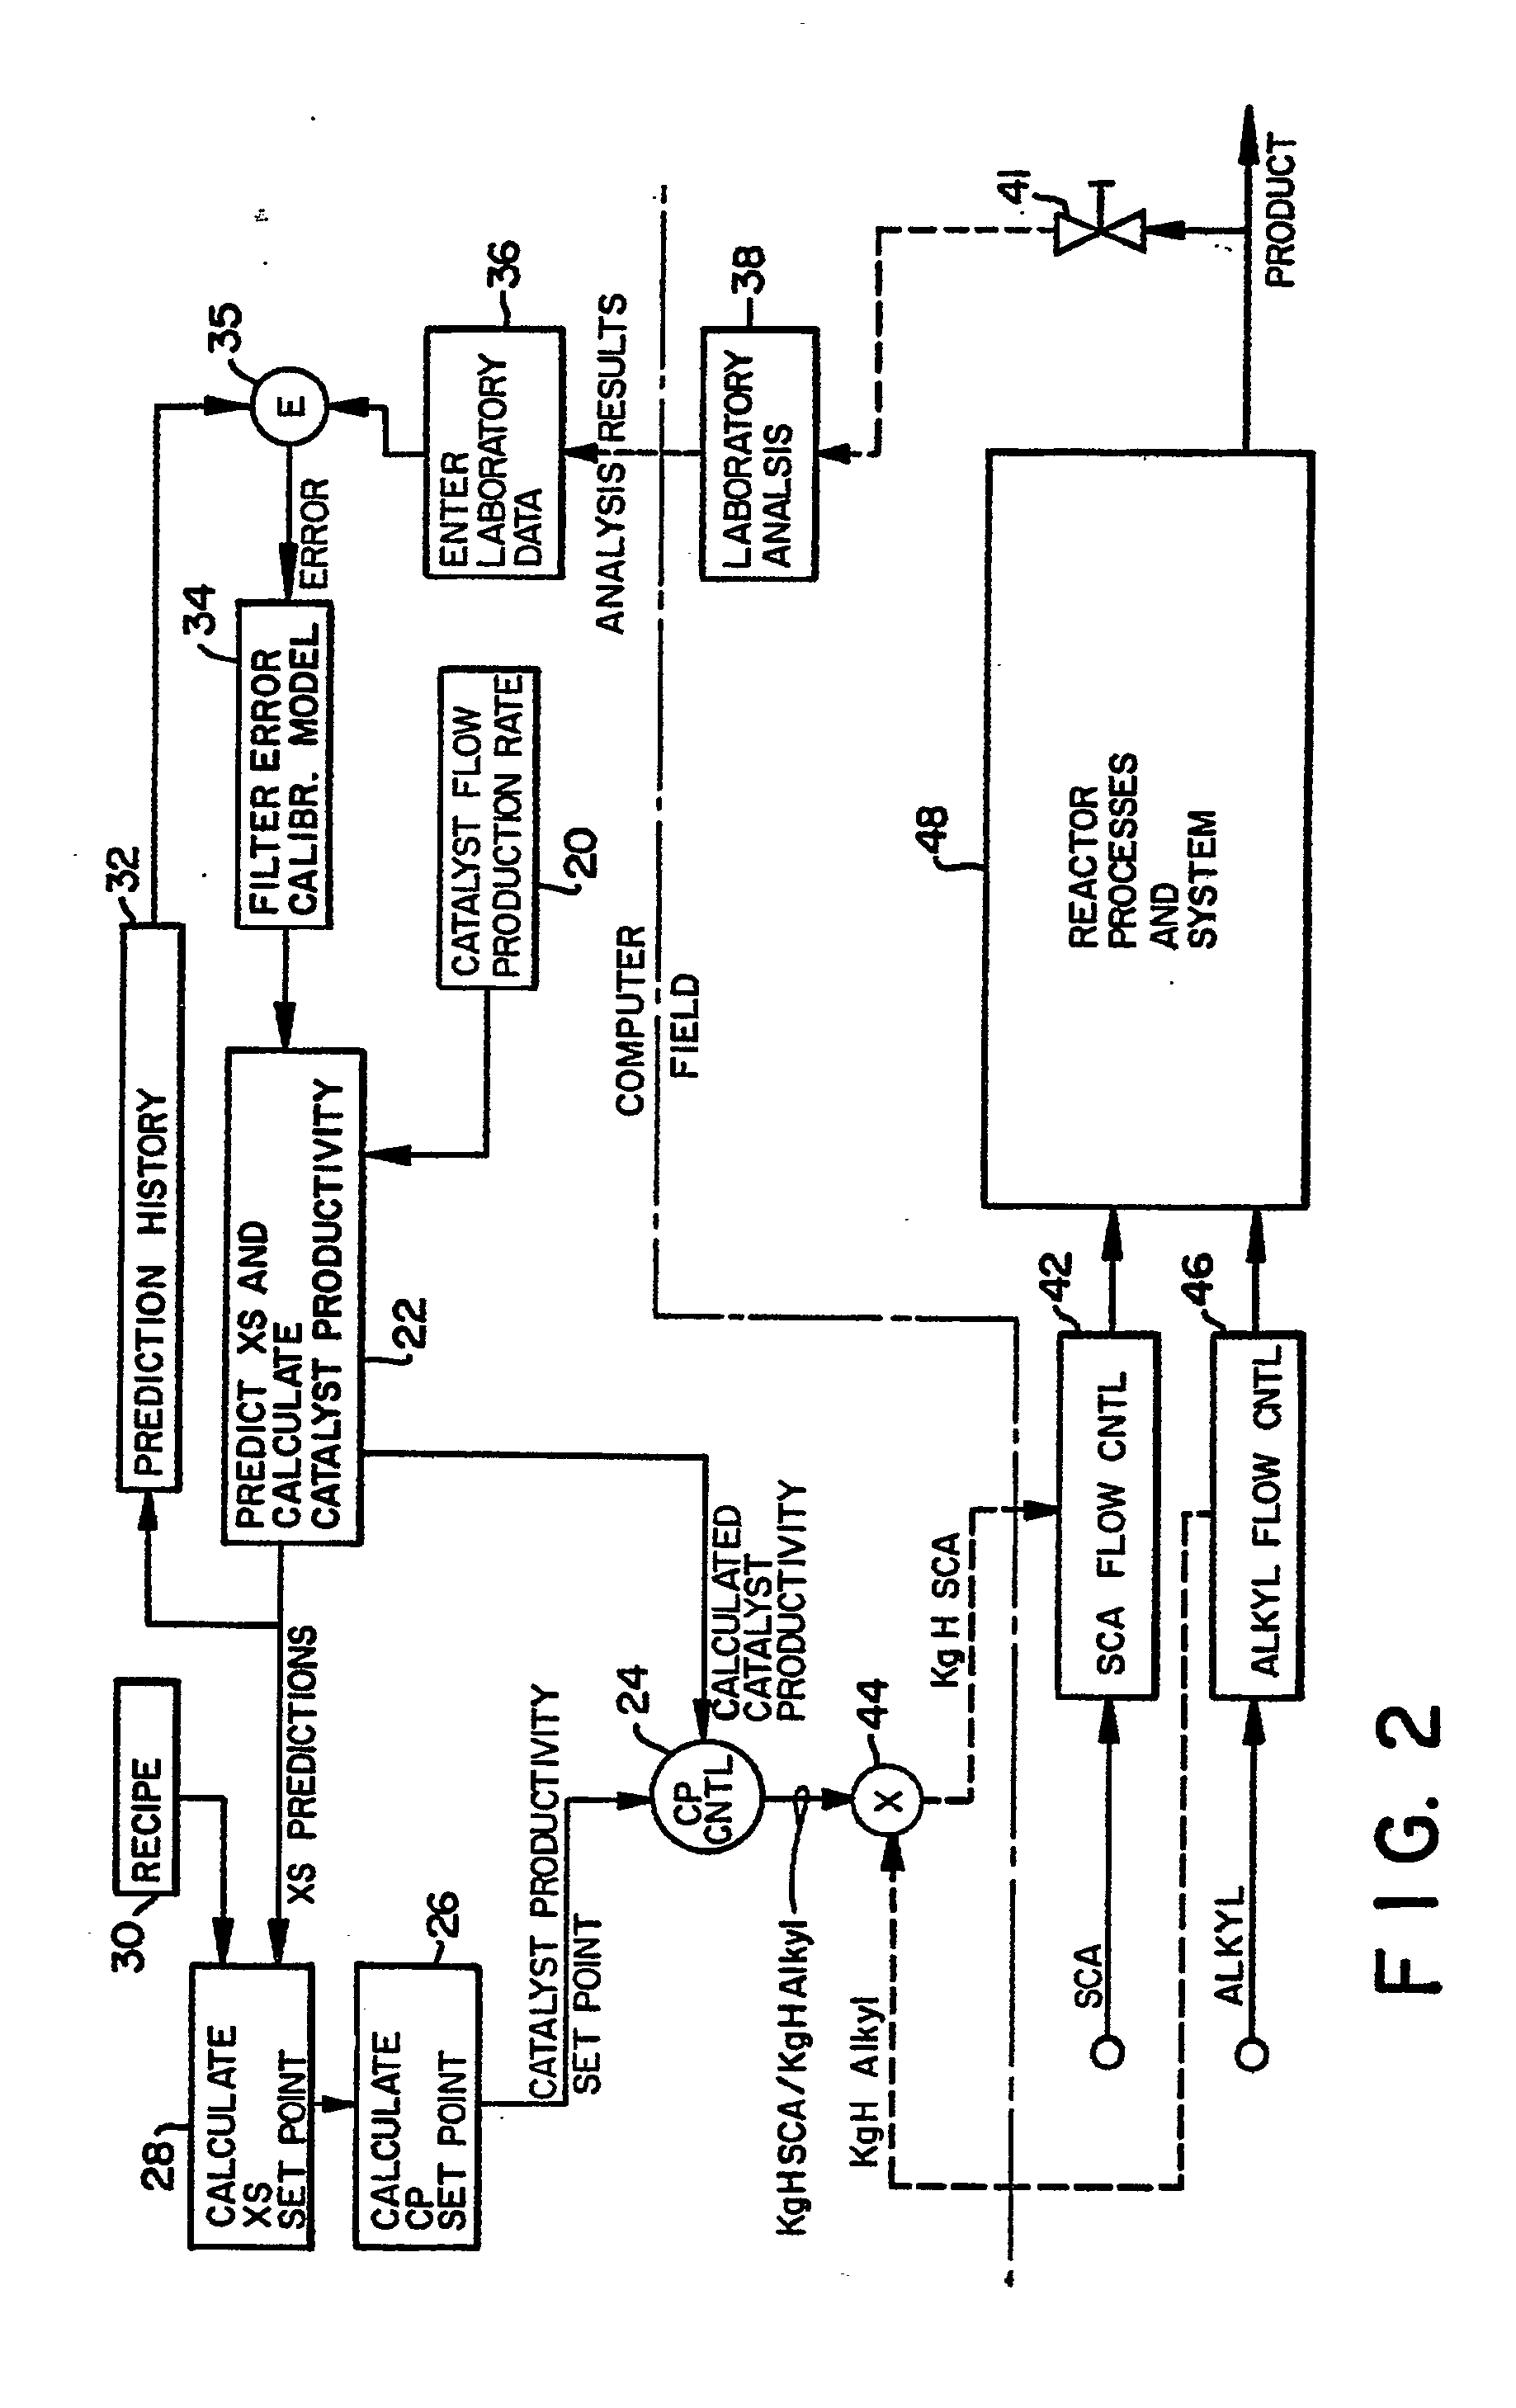 patent ep0257316b1 verfahren zur kontrollierten. Black Bedroom Furniture Sets. Home Design Ideas